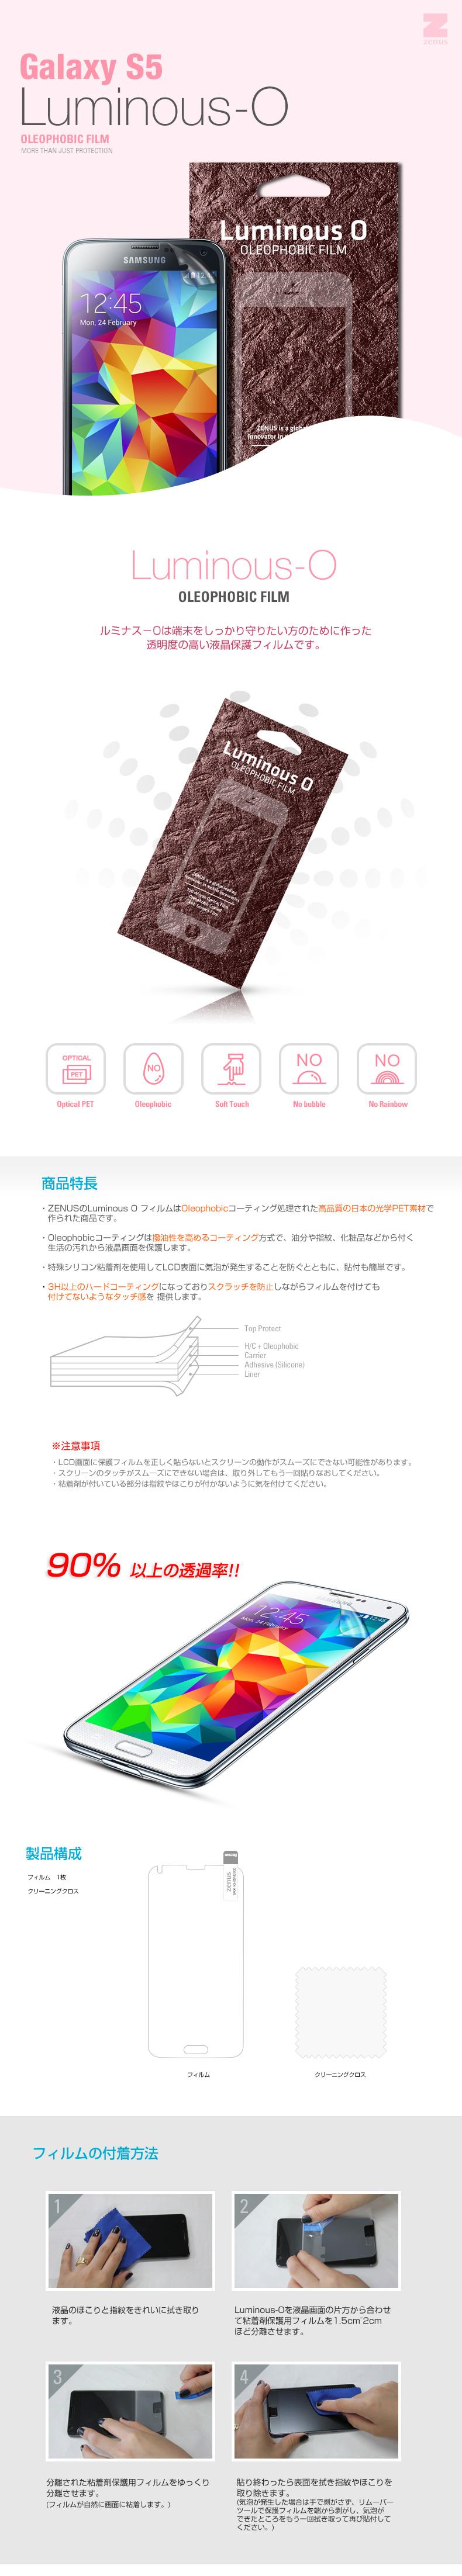 商品詳細 GALAXY S5 フィルムZenus Luminous-O 指紋防止液晶保護フィルム (ルミナスO シモンボウシエキショウホゴフィルム)